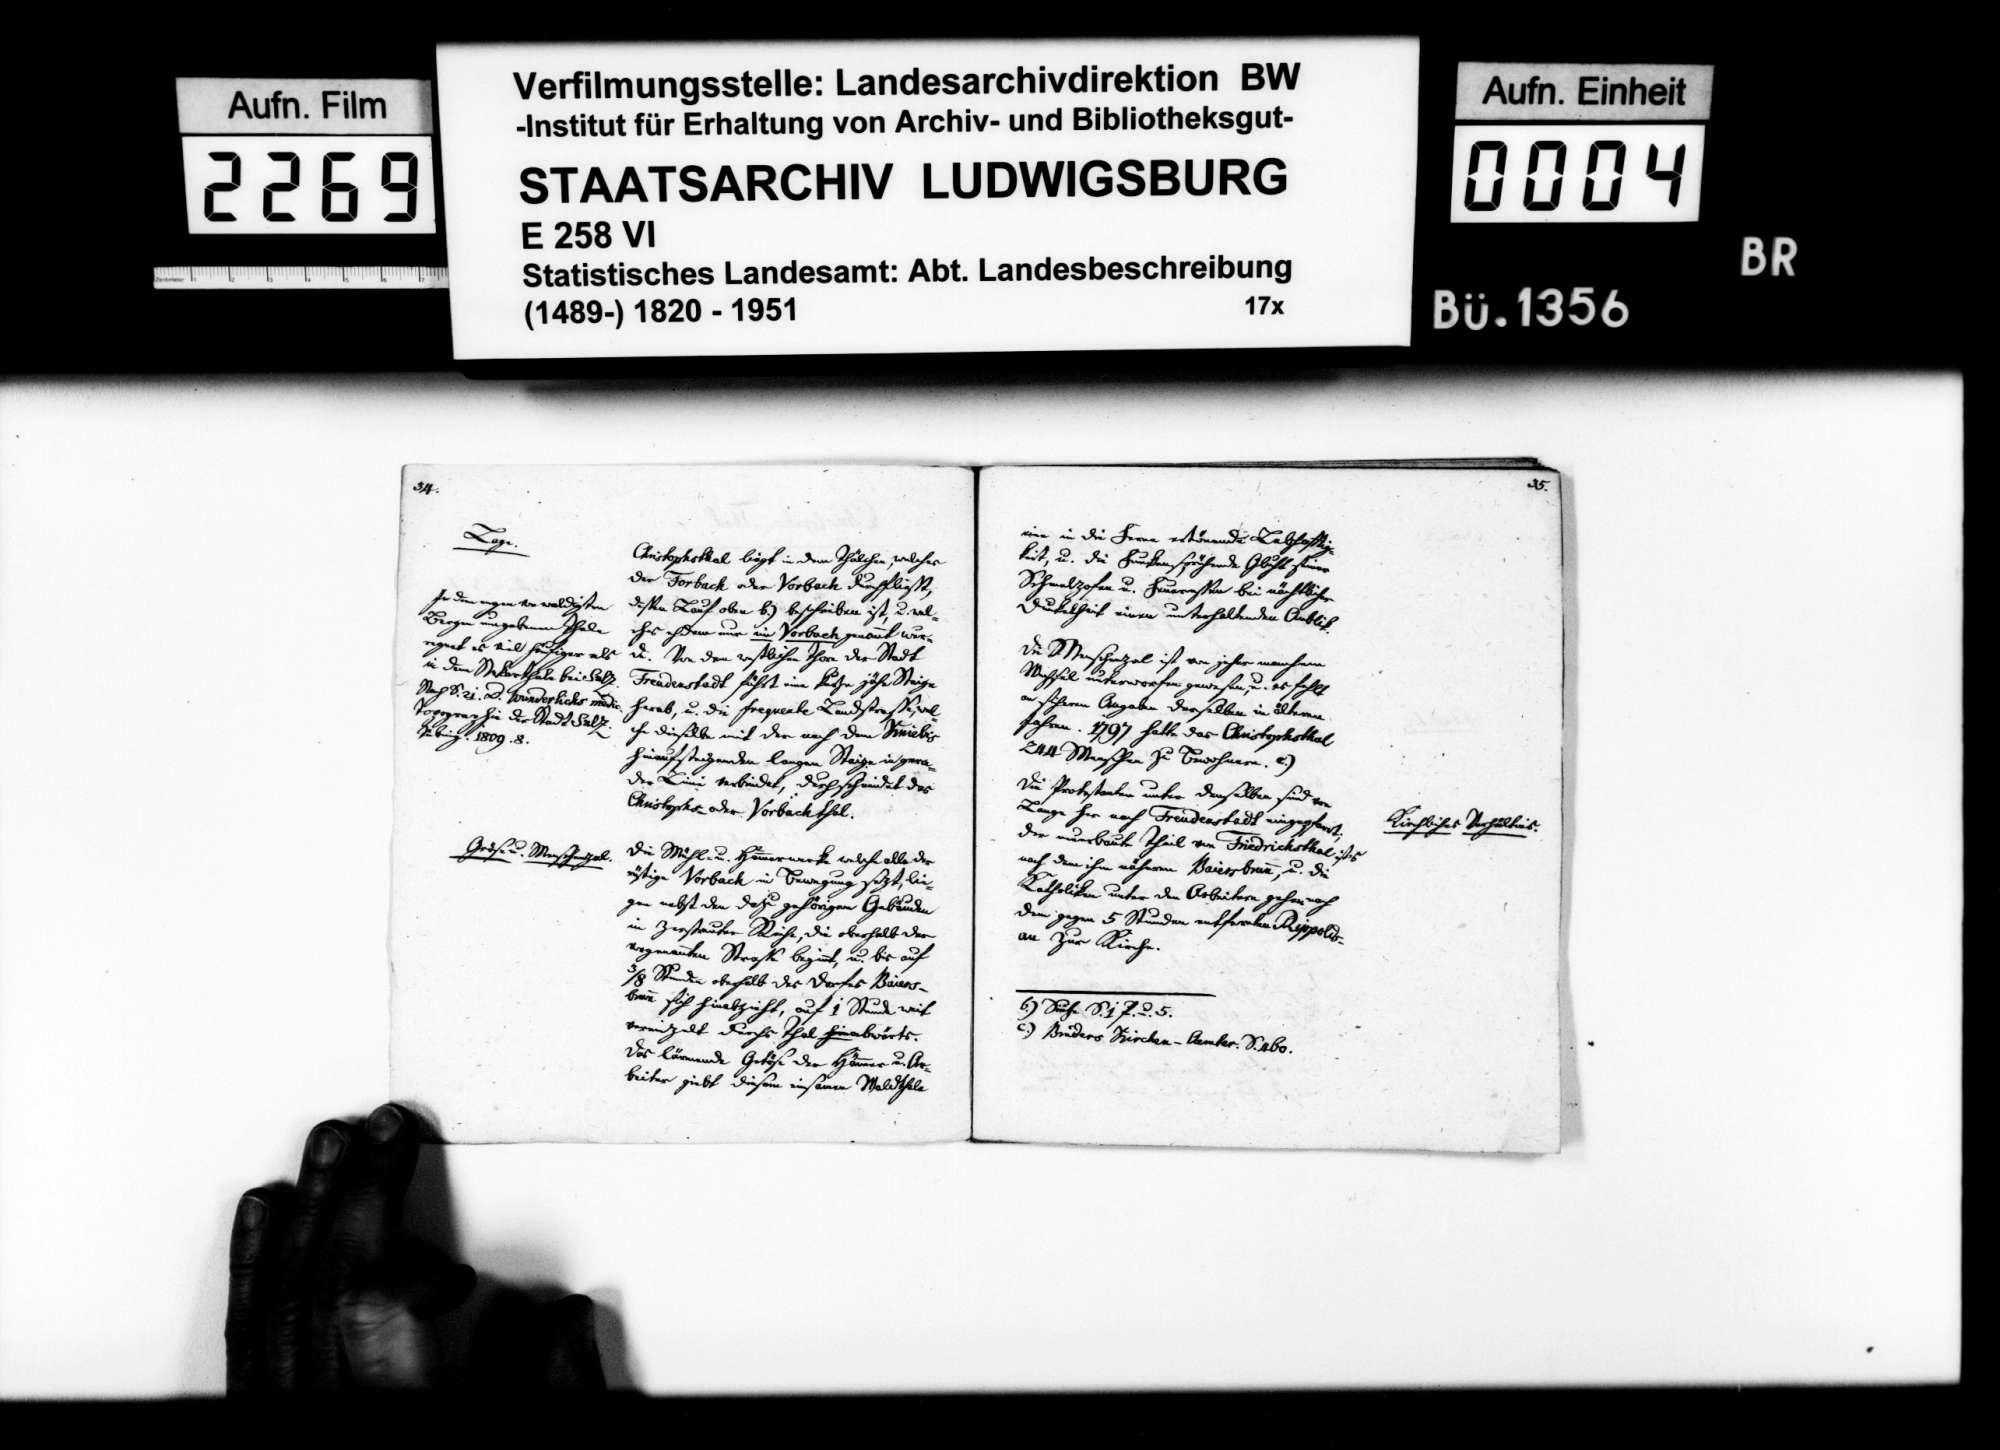 Topographisch-statistische und historiographische Beschreibungen, auch Notizen, zu verschiedenen Orten im Oberamt, von Pfarrer Köhler aus Marschalkenzimmern, Bild 3